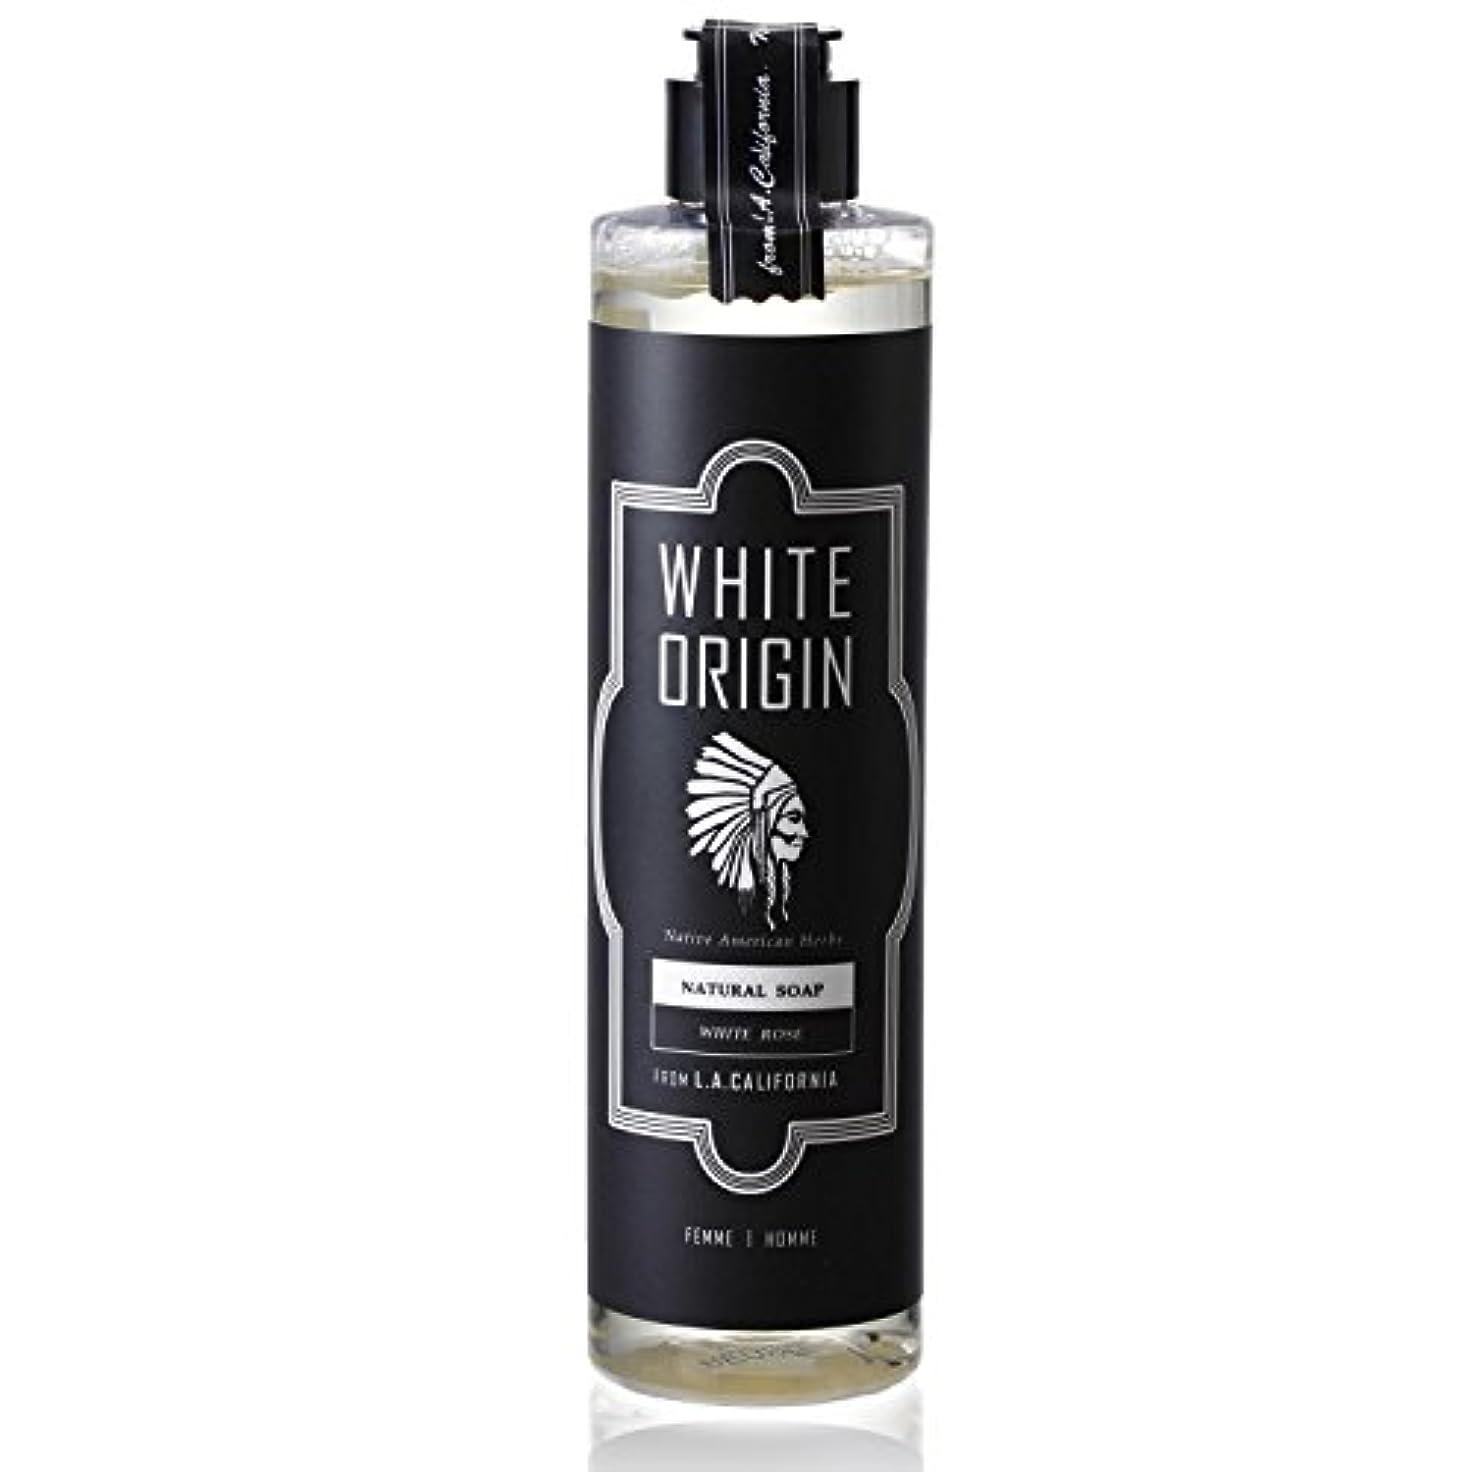 帝国控えめな見習いWHITE ORIGIN ボディソープ 300ml 加齢臭 ケア オーガニック ナチュラル 男前 乾燥 ホワイトローズ